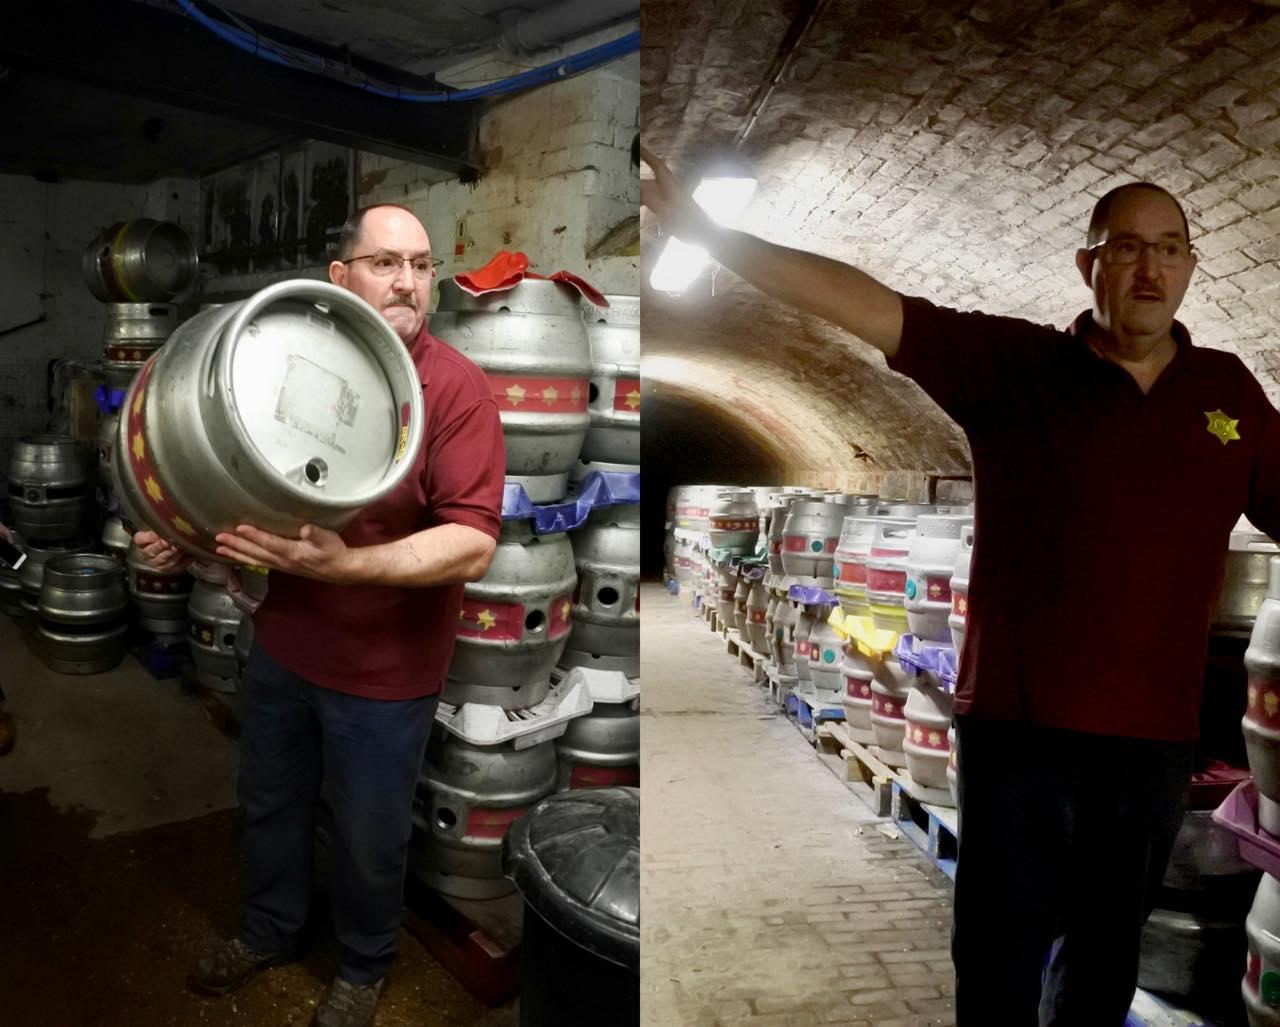 毎日、ビールのアルコール度をチェックして、適正になったときに発酵工程を止めます。そのあとに、樽に入れる。